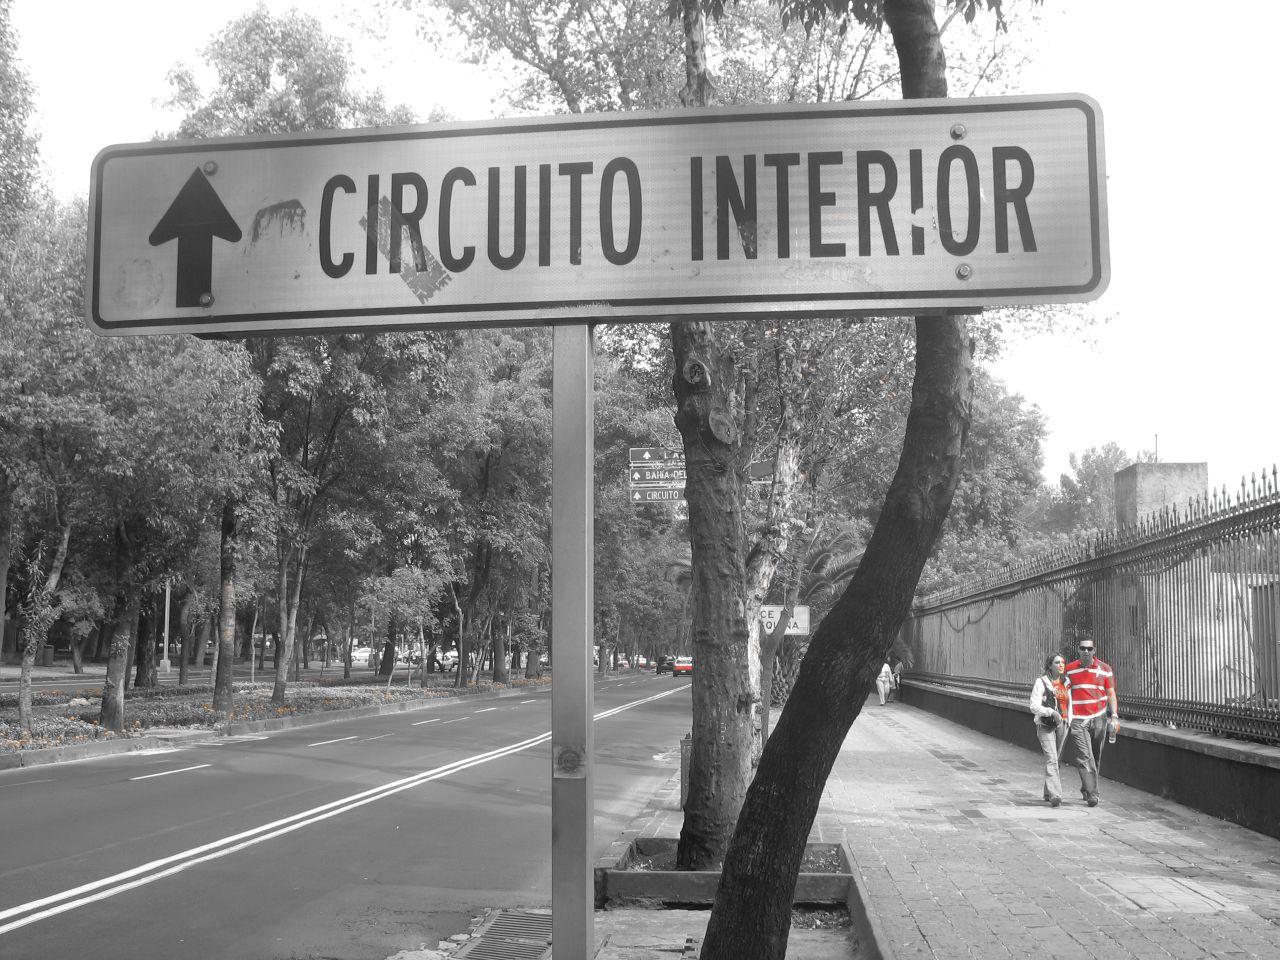 Circuito Bicentenario : Archivo circuito interior bicentenario g wikipedia la